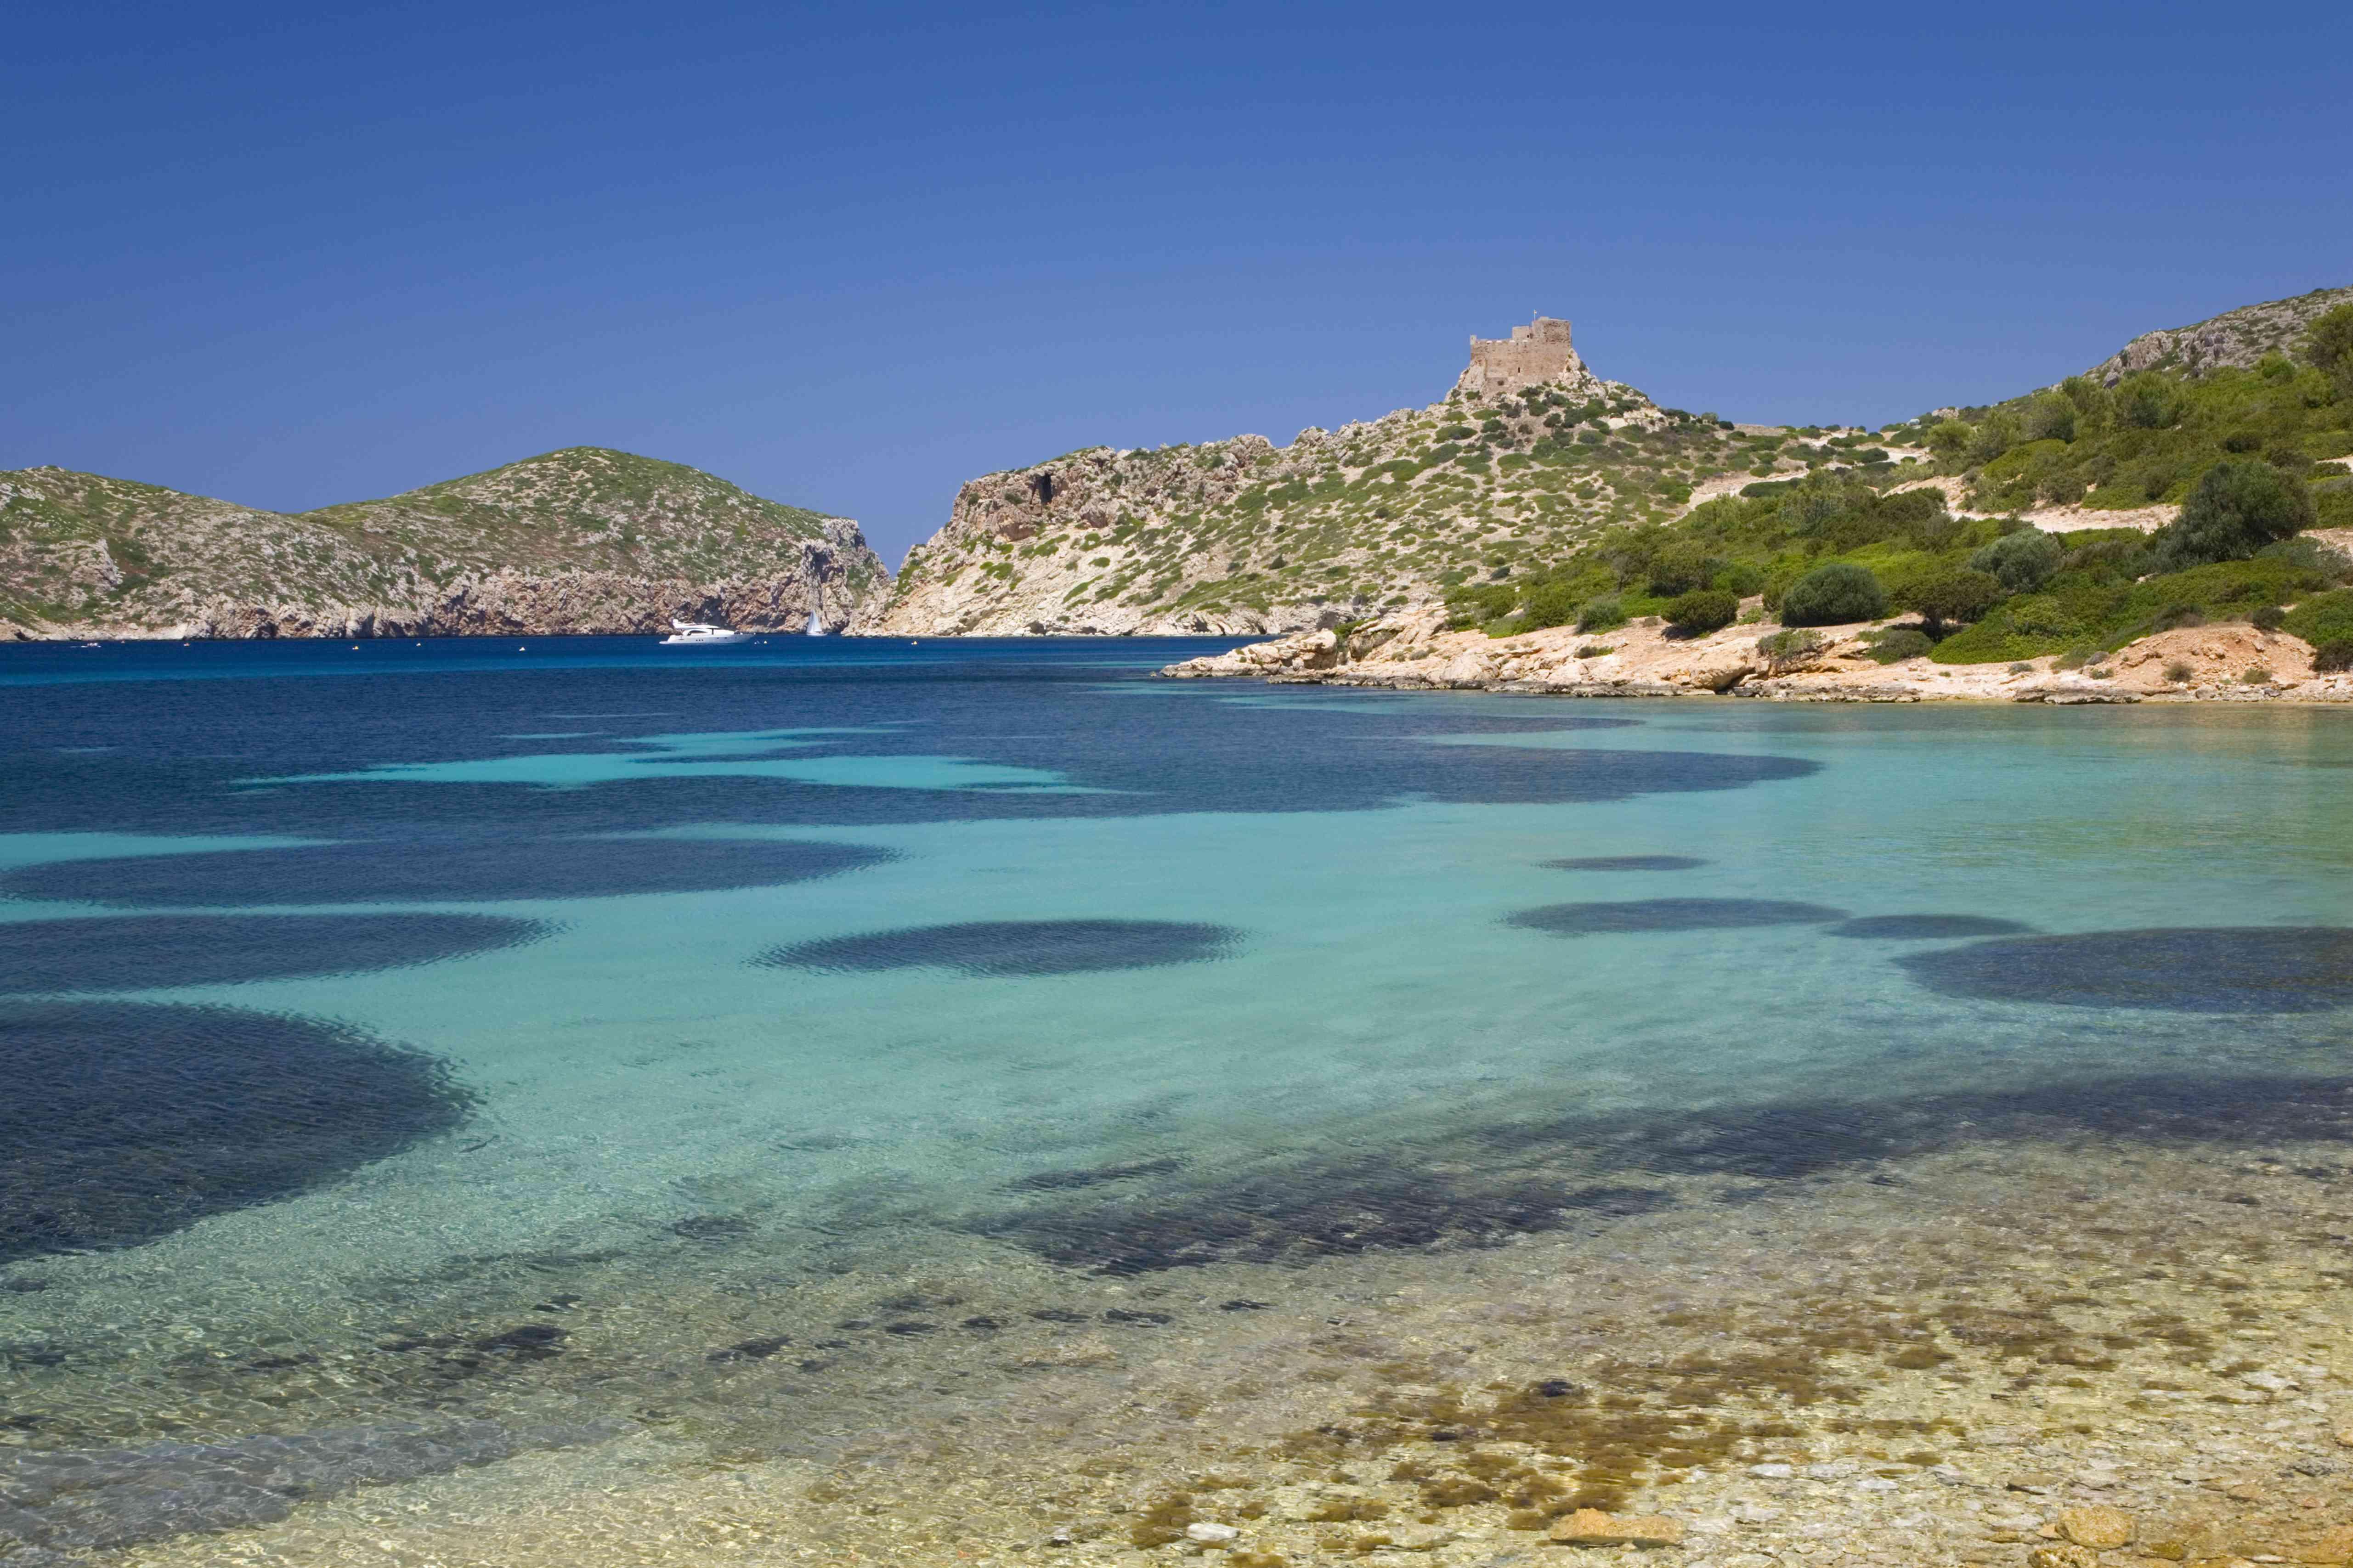 View across bay to the castle, Cabrera, Mallorca